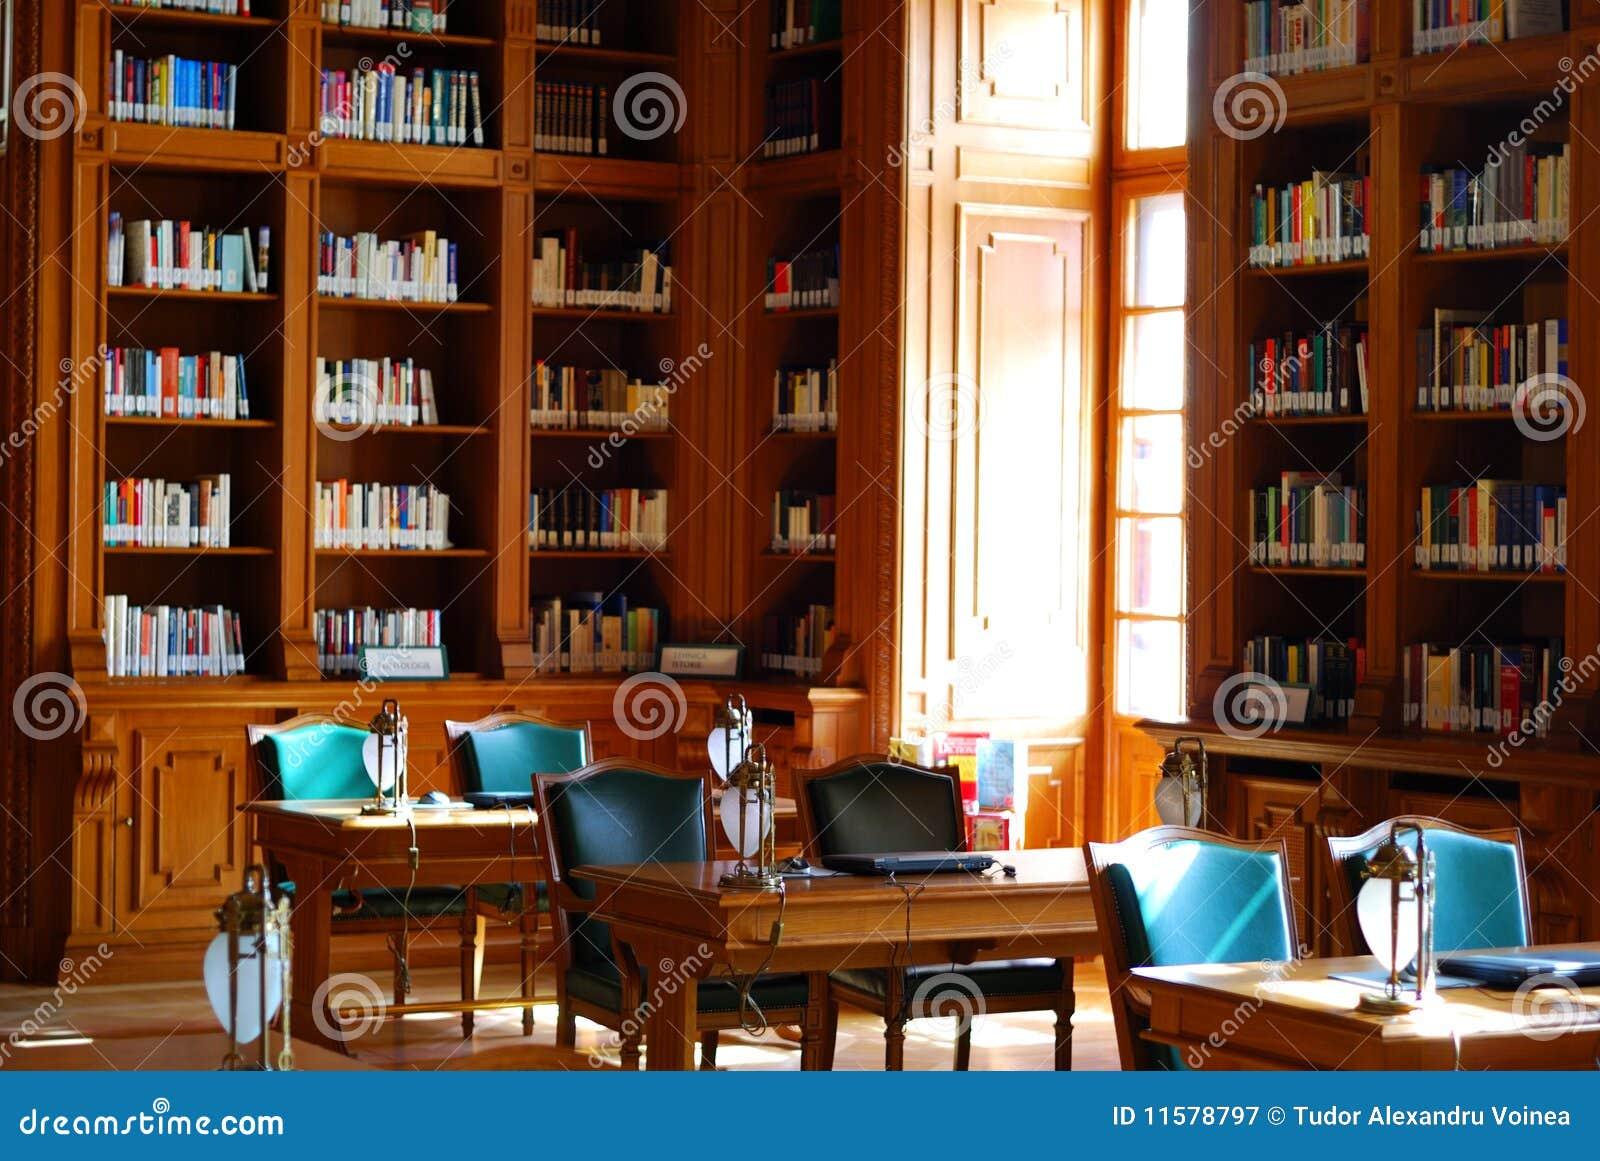 Libreria classica di stile immagine stock immagine di for Piani di libreria stile artigiano